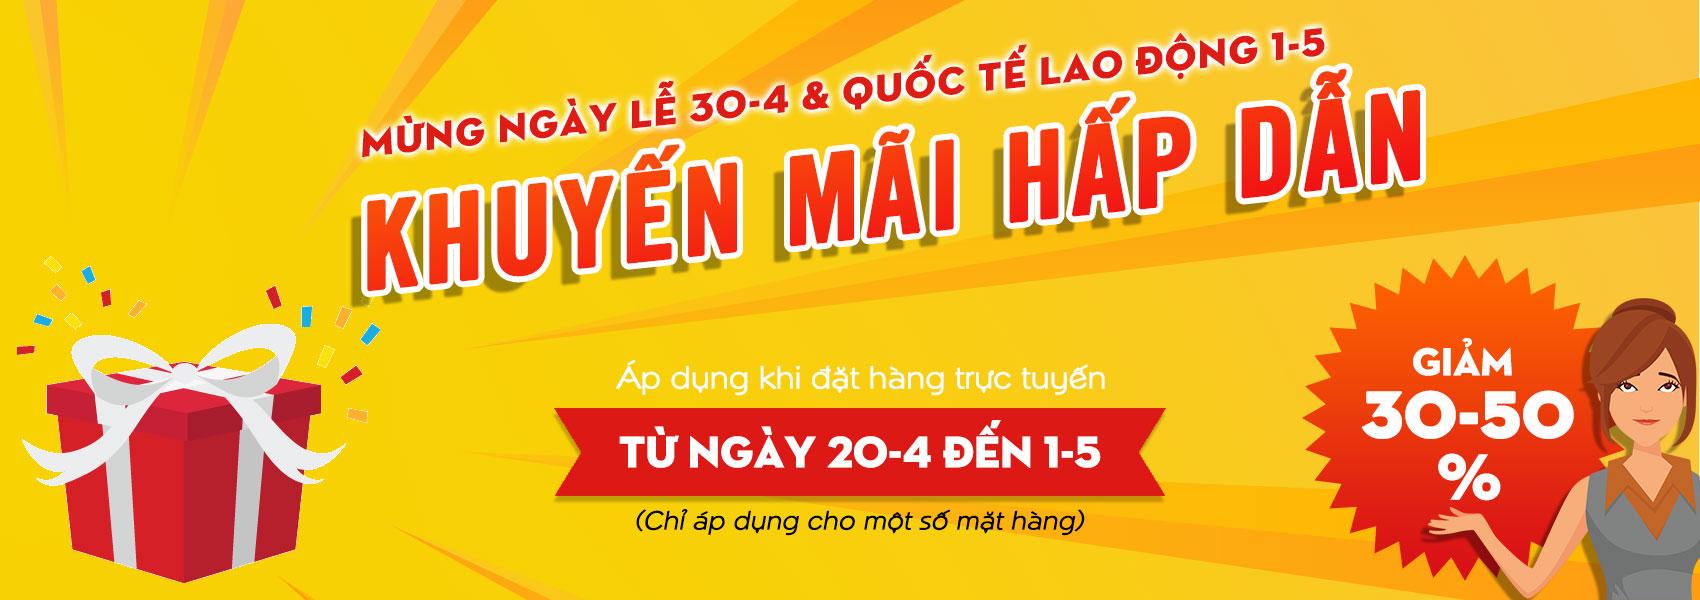 chào mừng ngày lễ 30/4 và quốc tế lao động 1-5